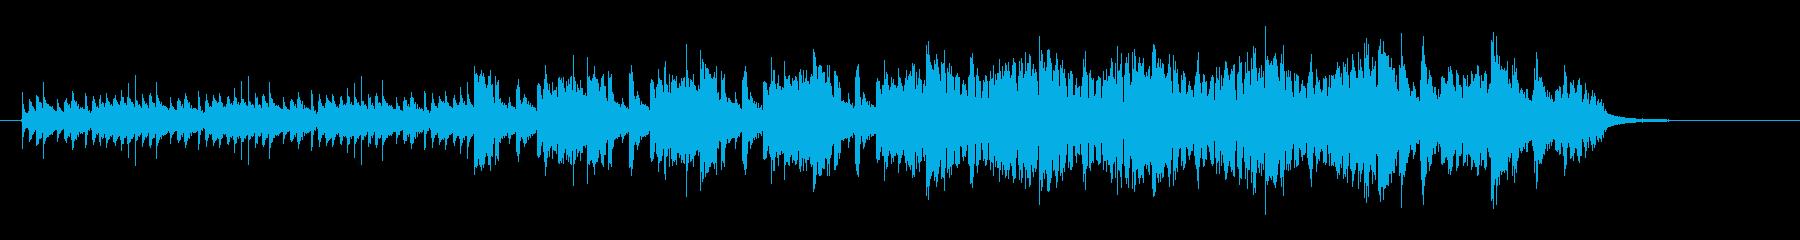 チューブラーベルとストリングスのテクノの再生済みの波形